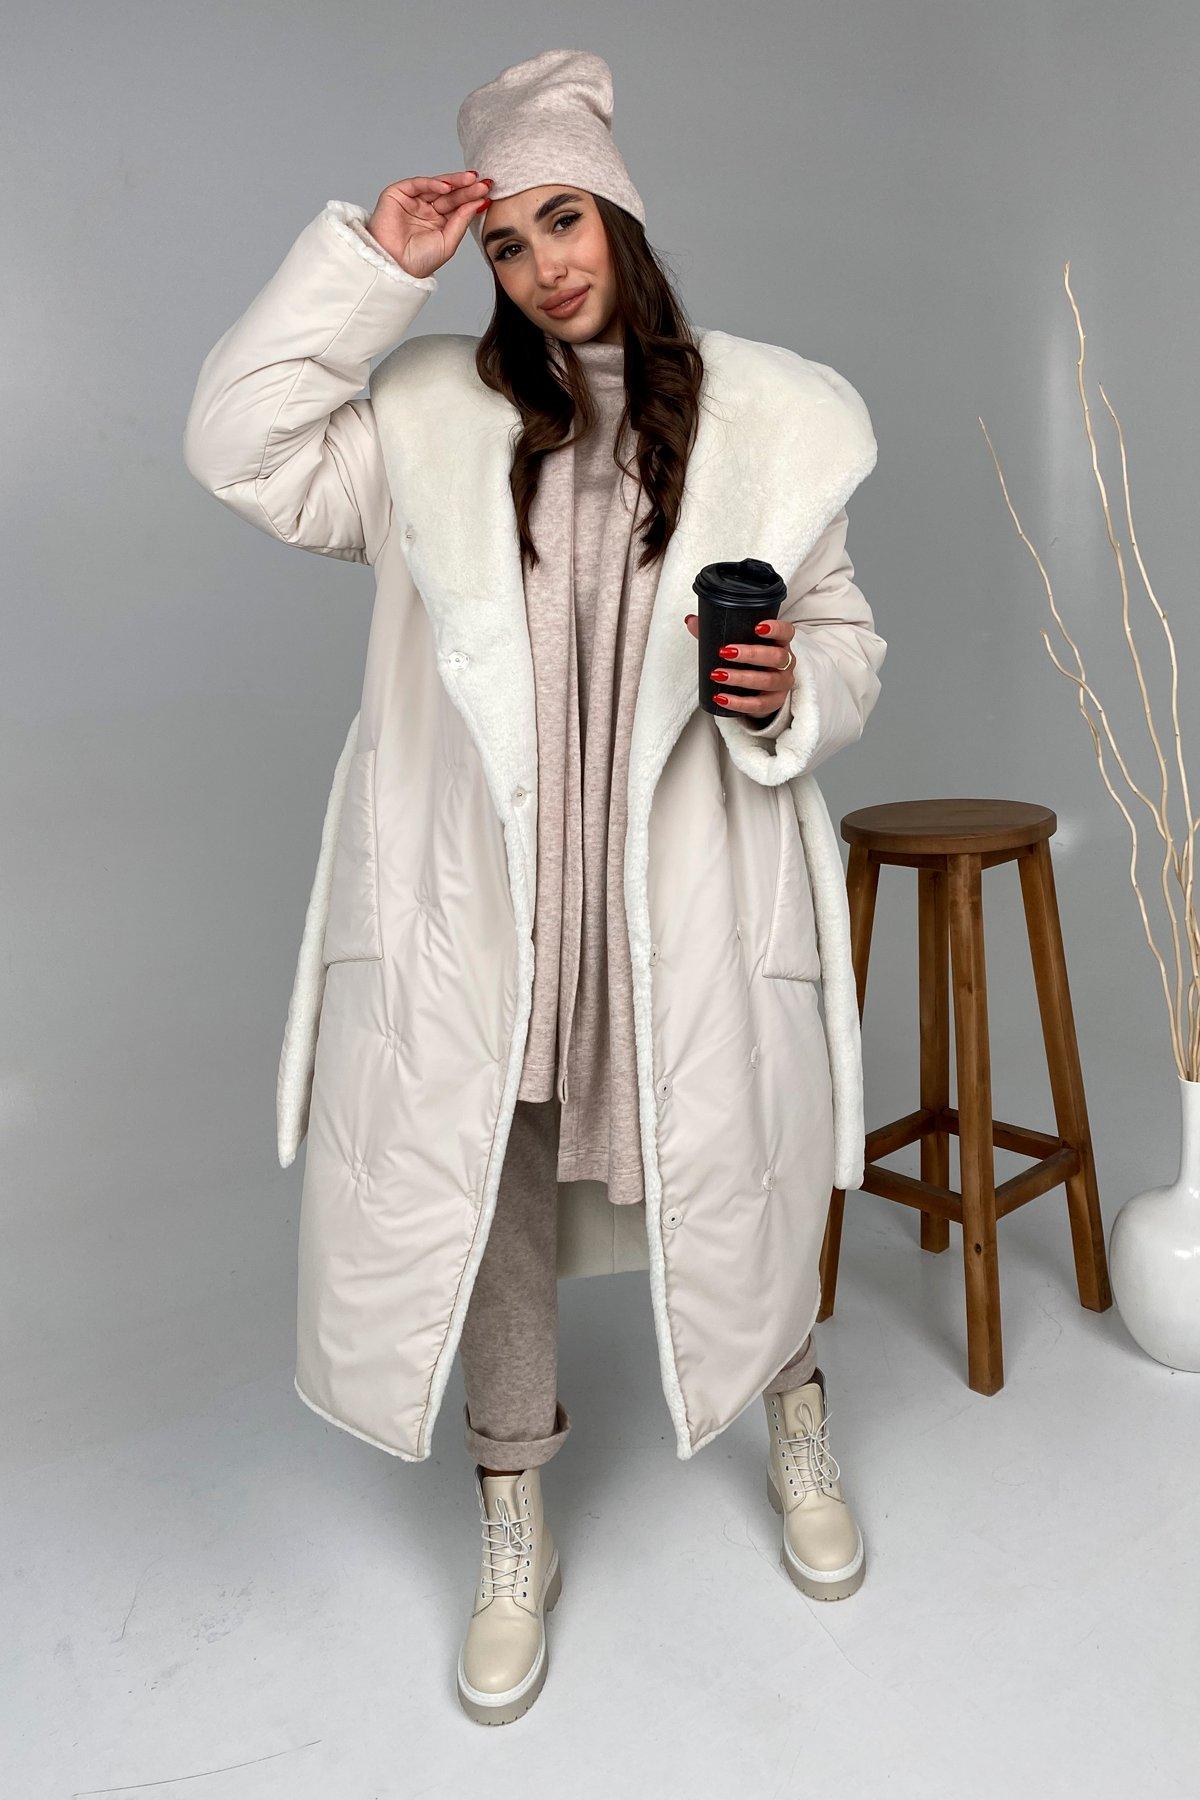 Сноу  теплое двухстороннее пальто из  еко меха и плотной  плащевки 9956 АРТ. 46243 Цвет: Молоко - фото 2, интернет магазин tm-modus.ru